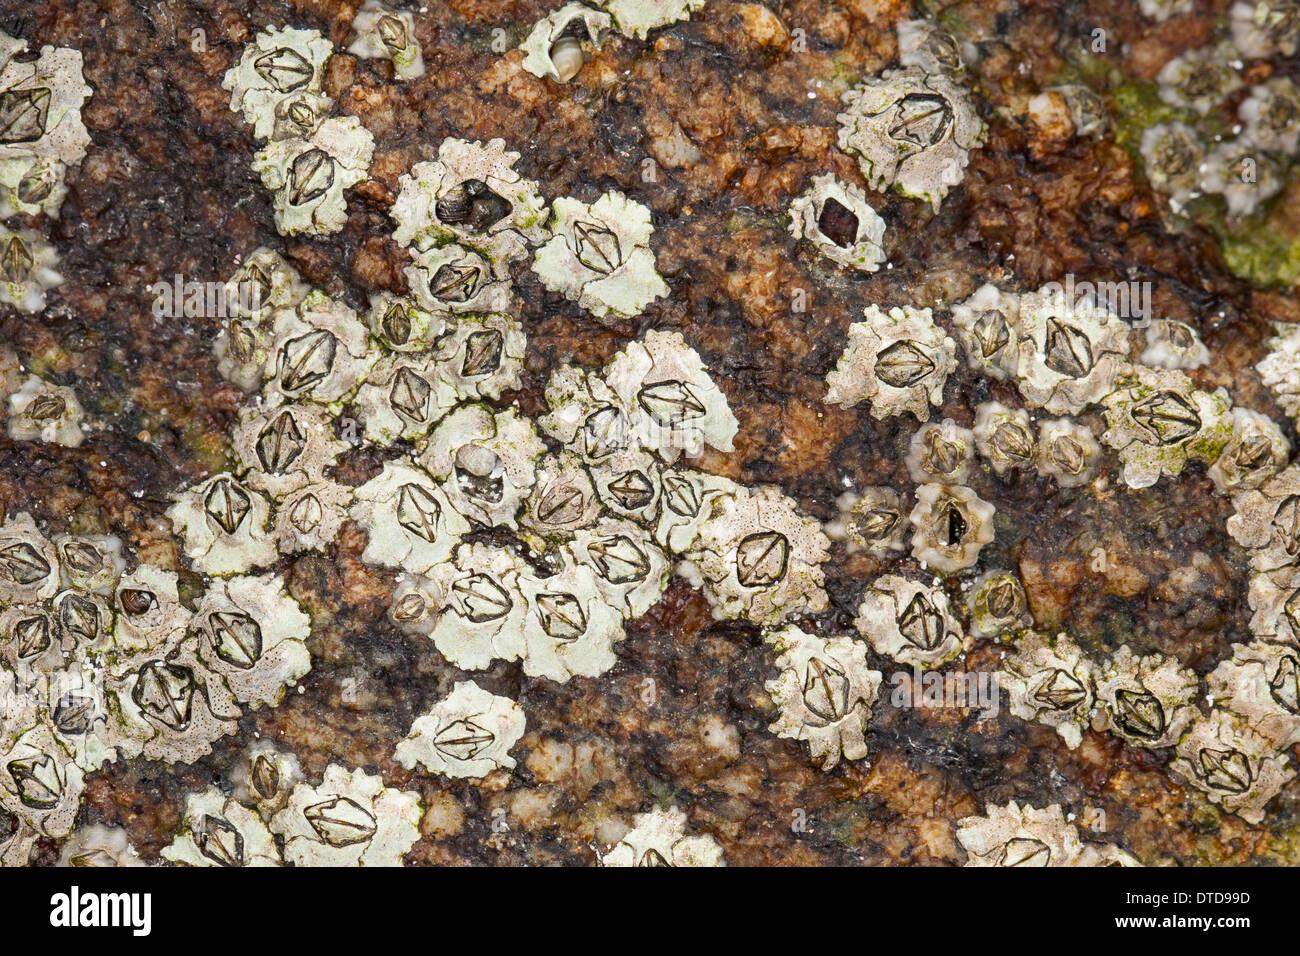 Nueva Zelandia, percebe percebe, Australasia, Austrominius Elminius modestus modestus, Australische Seepocke, Australseepocke Foto de stock